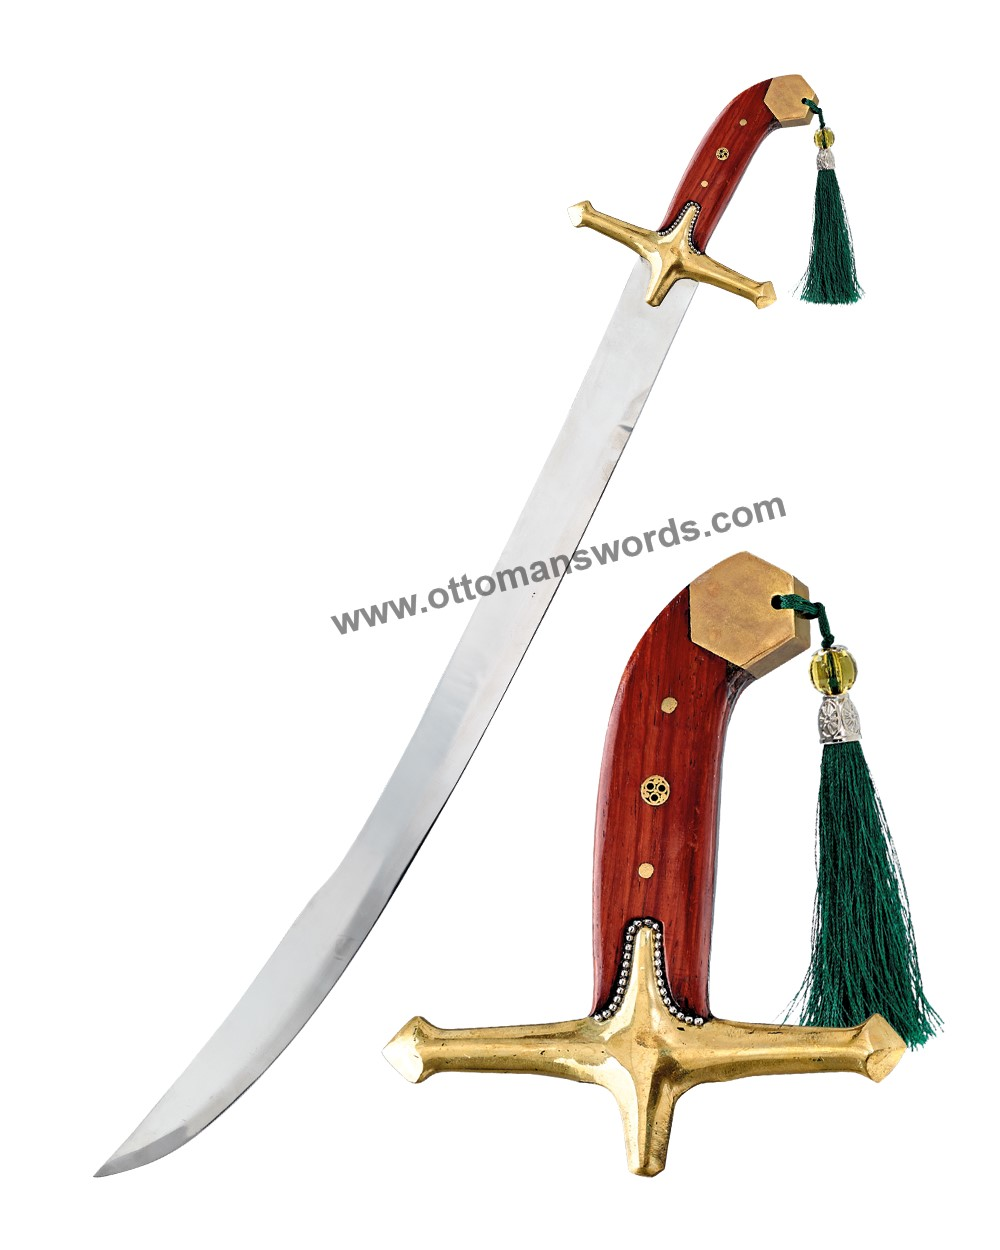 kilij sword for sale the kilij